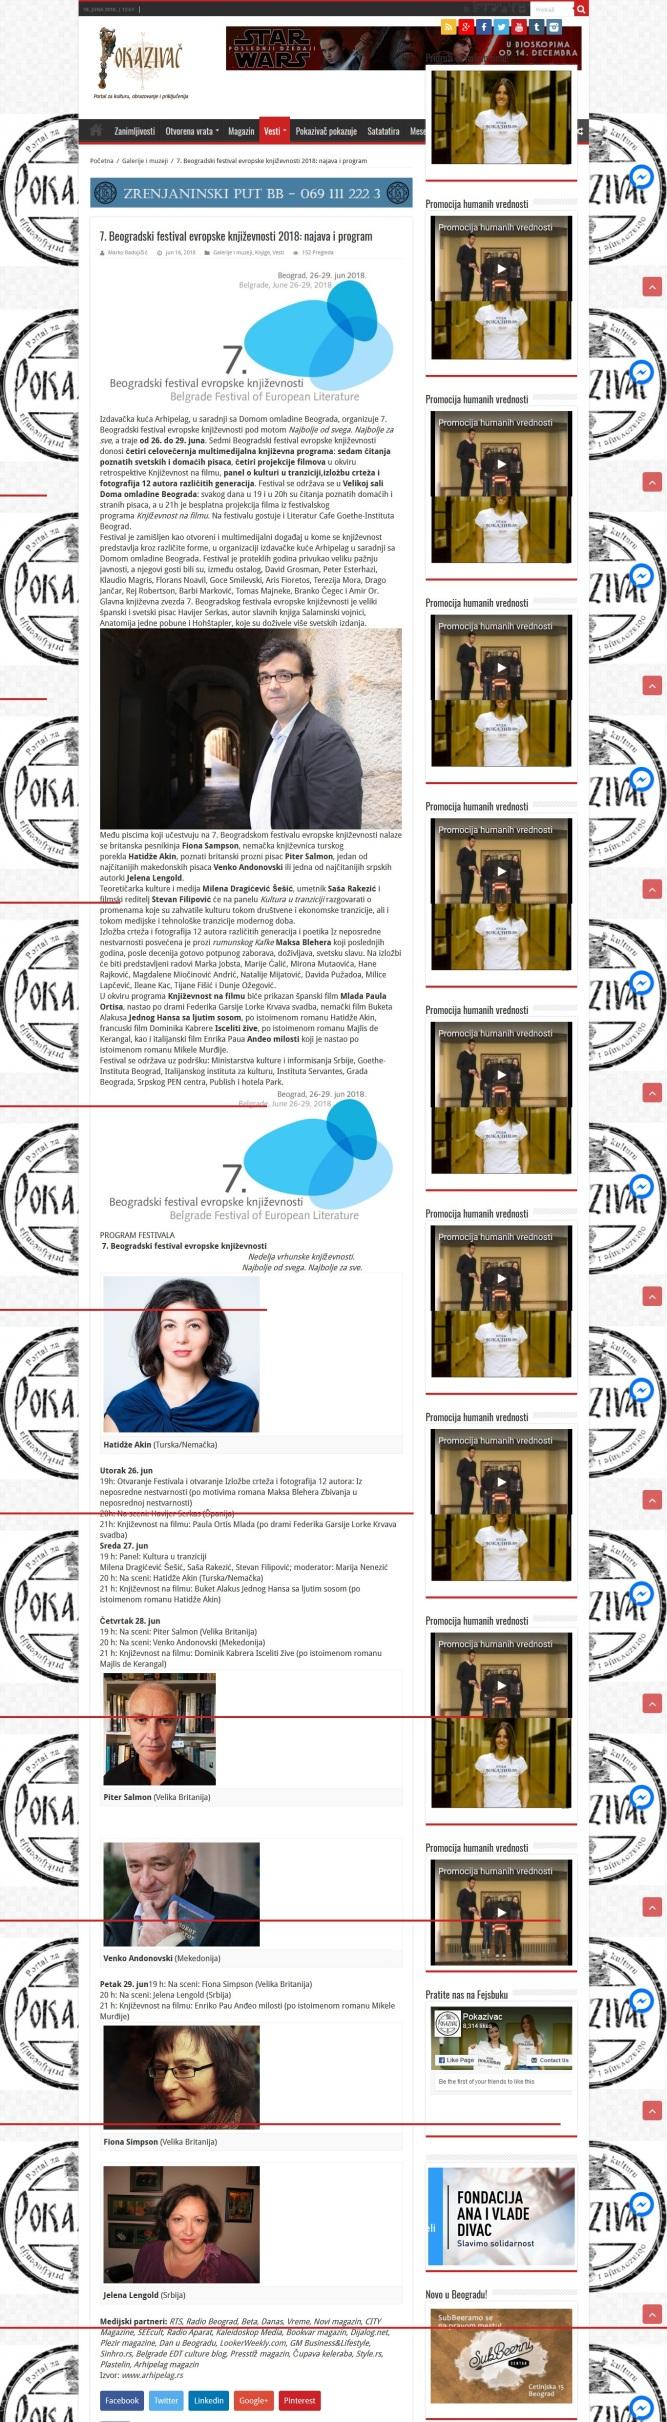 1606 - pokazivac.com - 7. Beogradski festival evropske knjizevnosti 2018 - najava i program